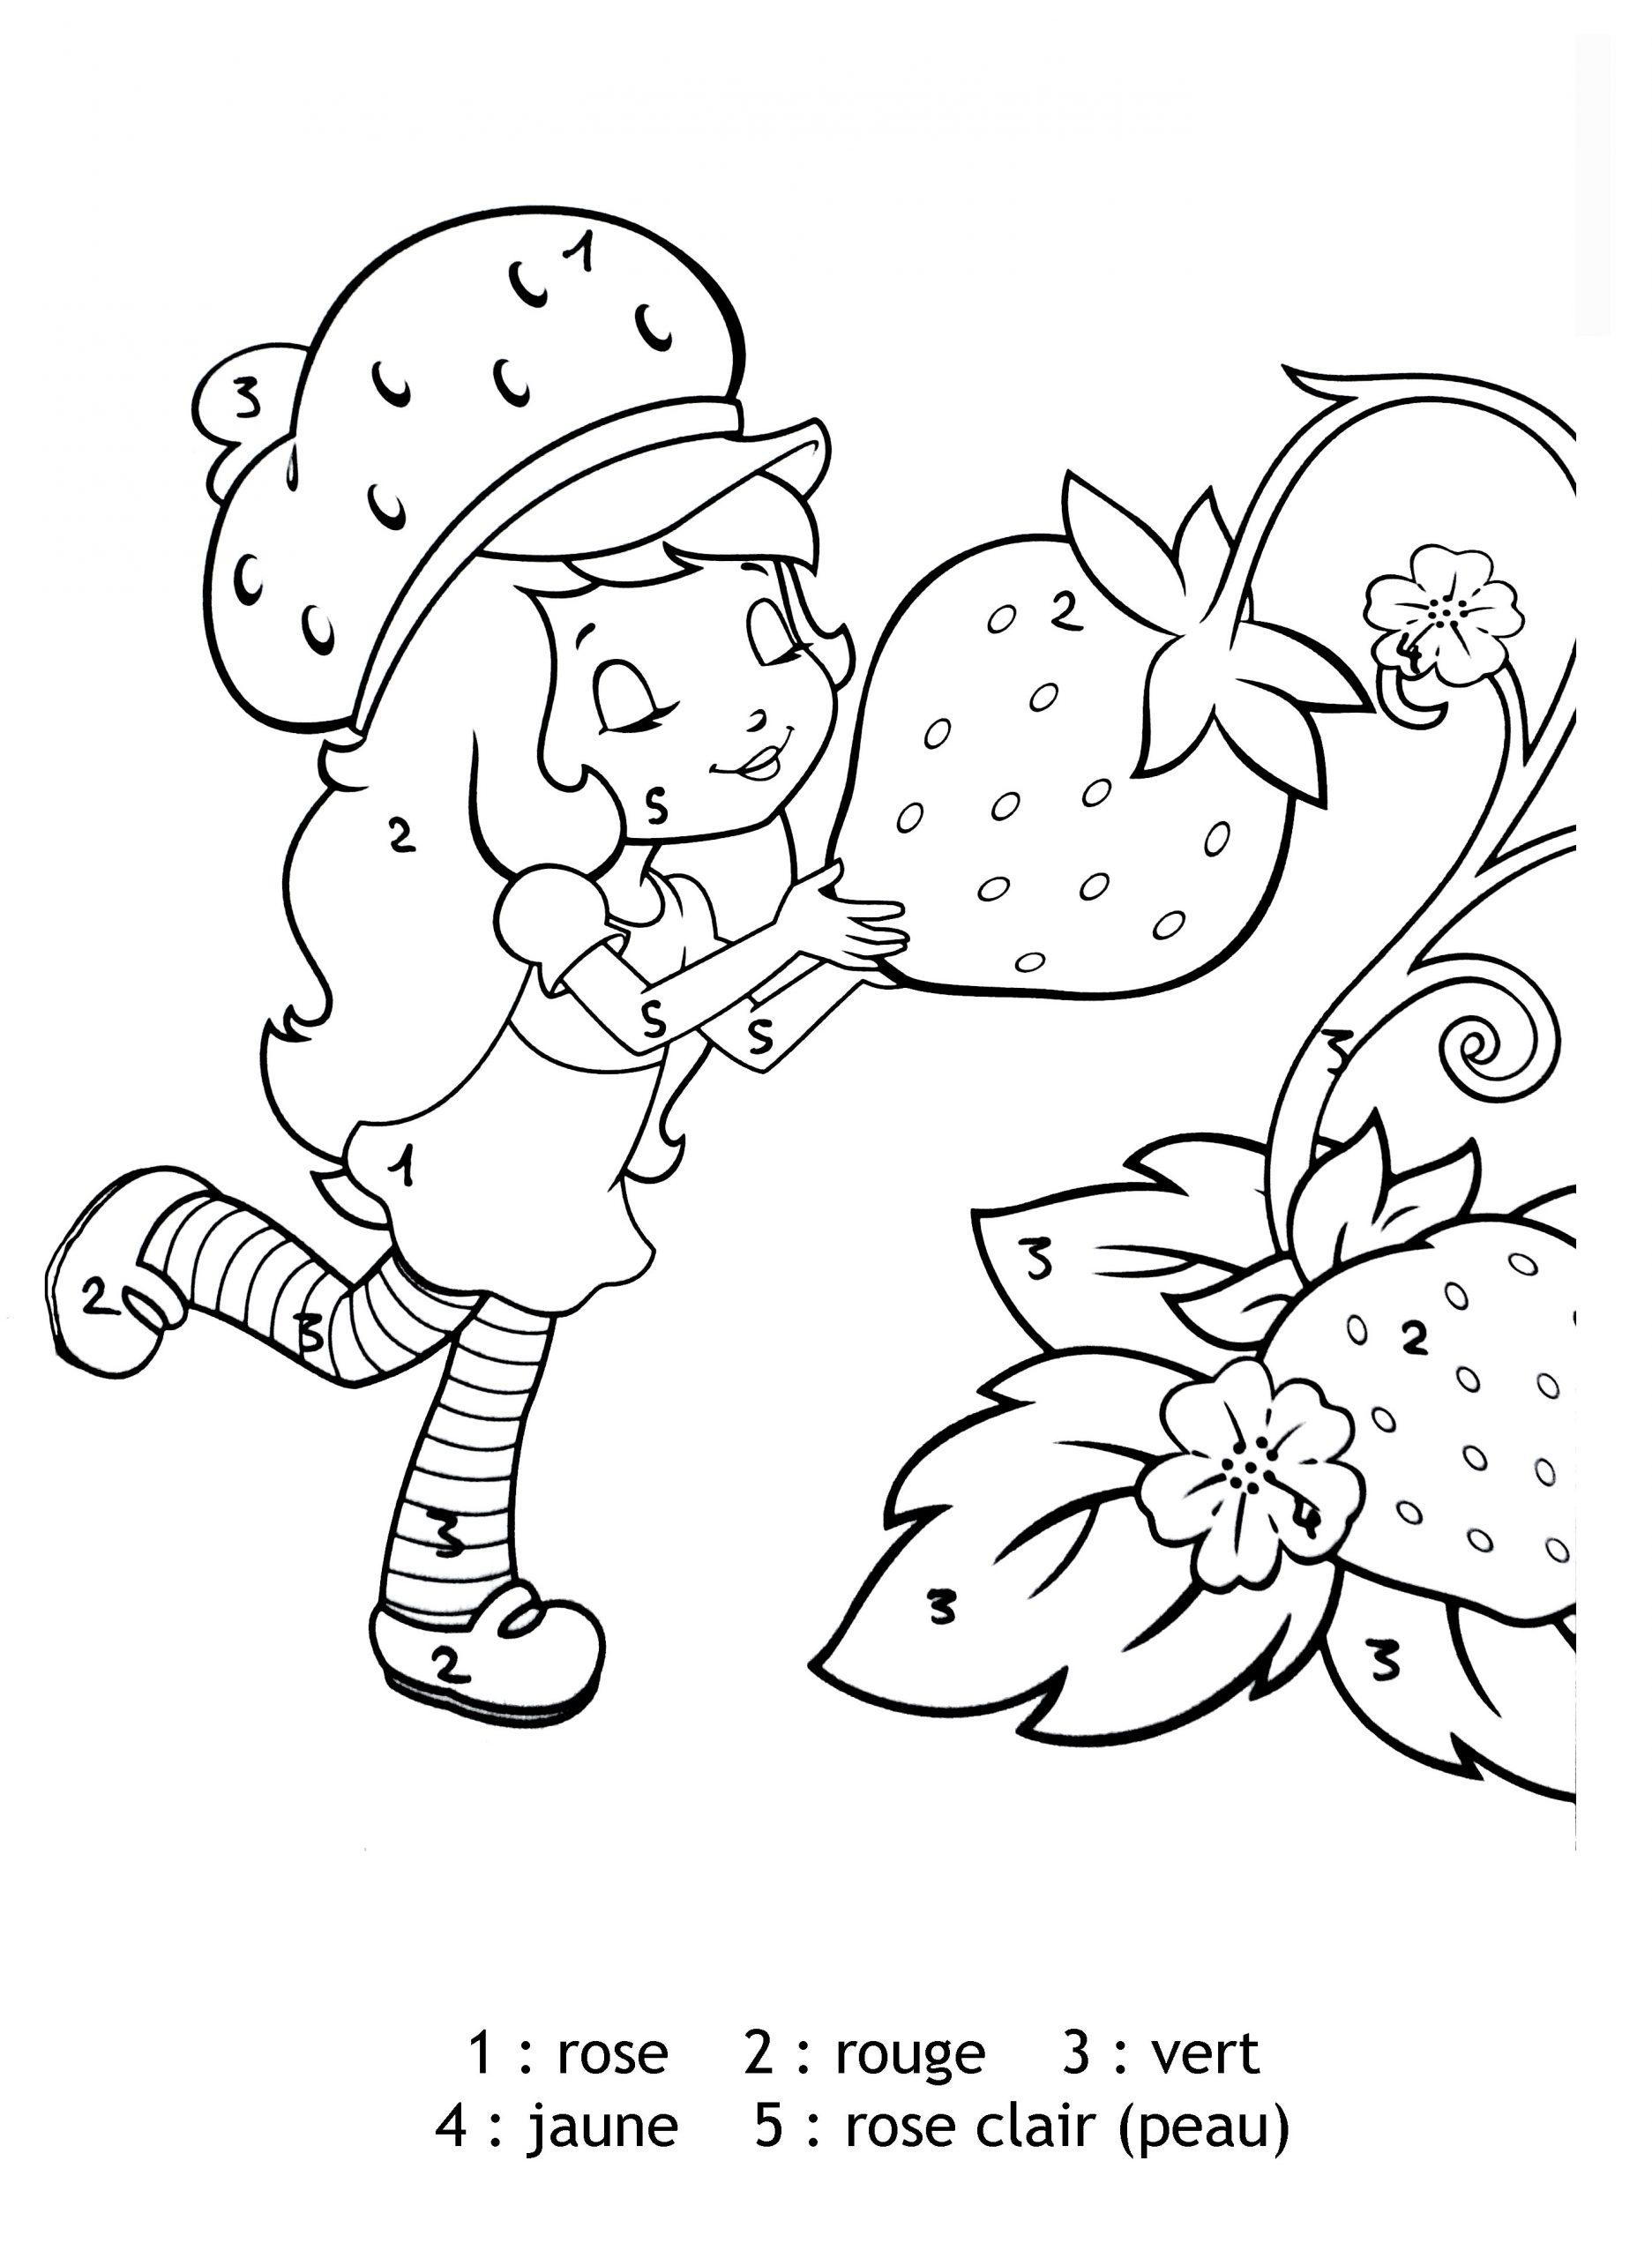 Coloriage Magique - Coloriages Pour Enfants encequiconcerne Coloriage Magique Petite Section